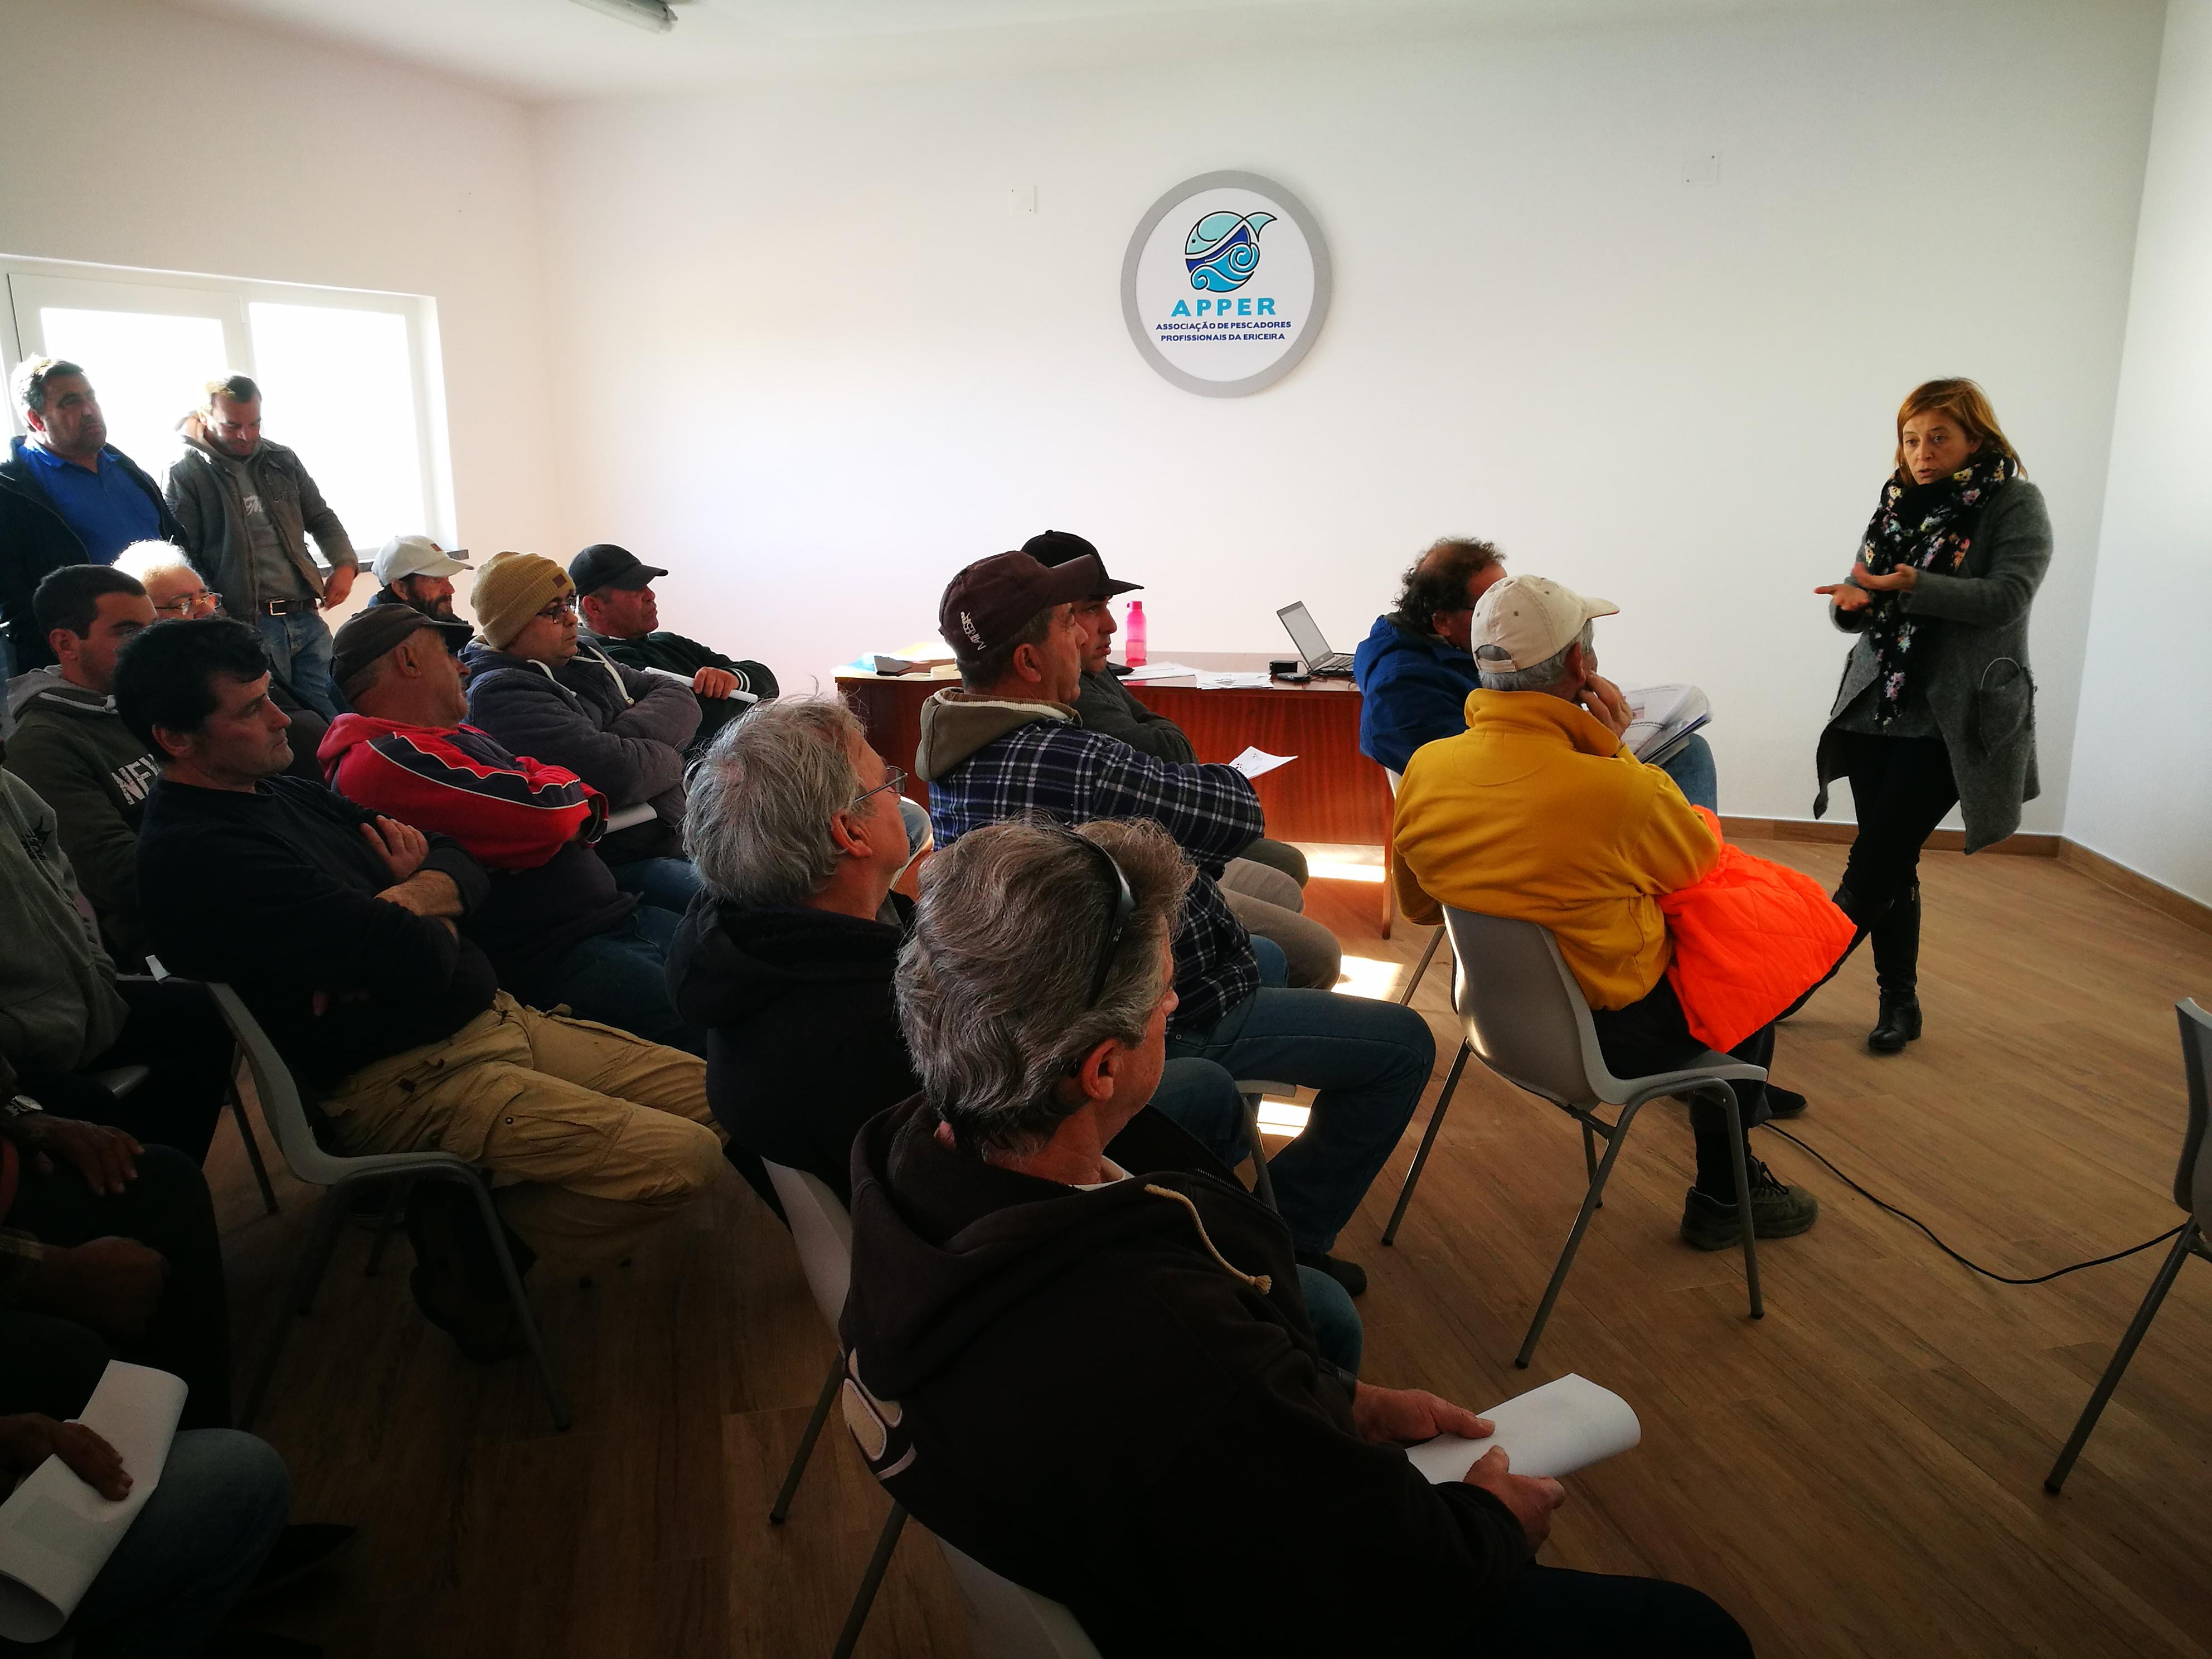 A2S divulga oportunidades de financiamento junto dos pescadores da Ericeira